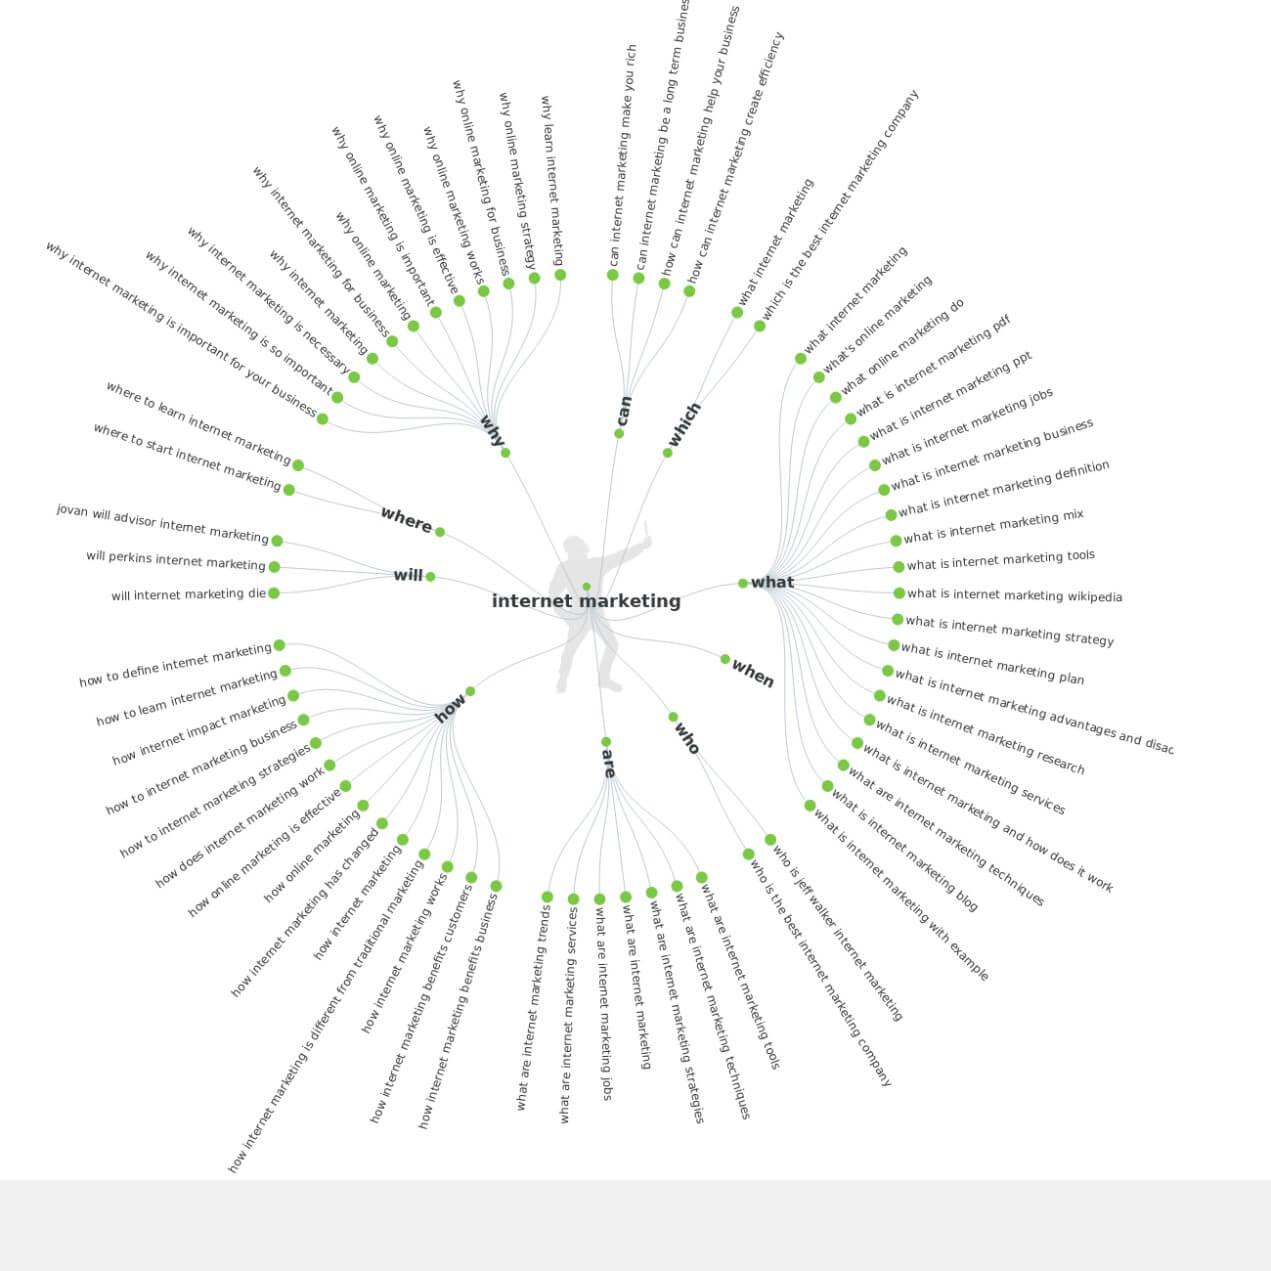 כלי למחקר מילים - רעיונות תוכן answer the public